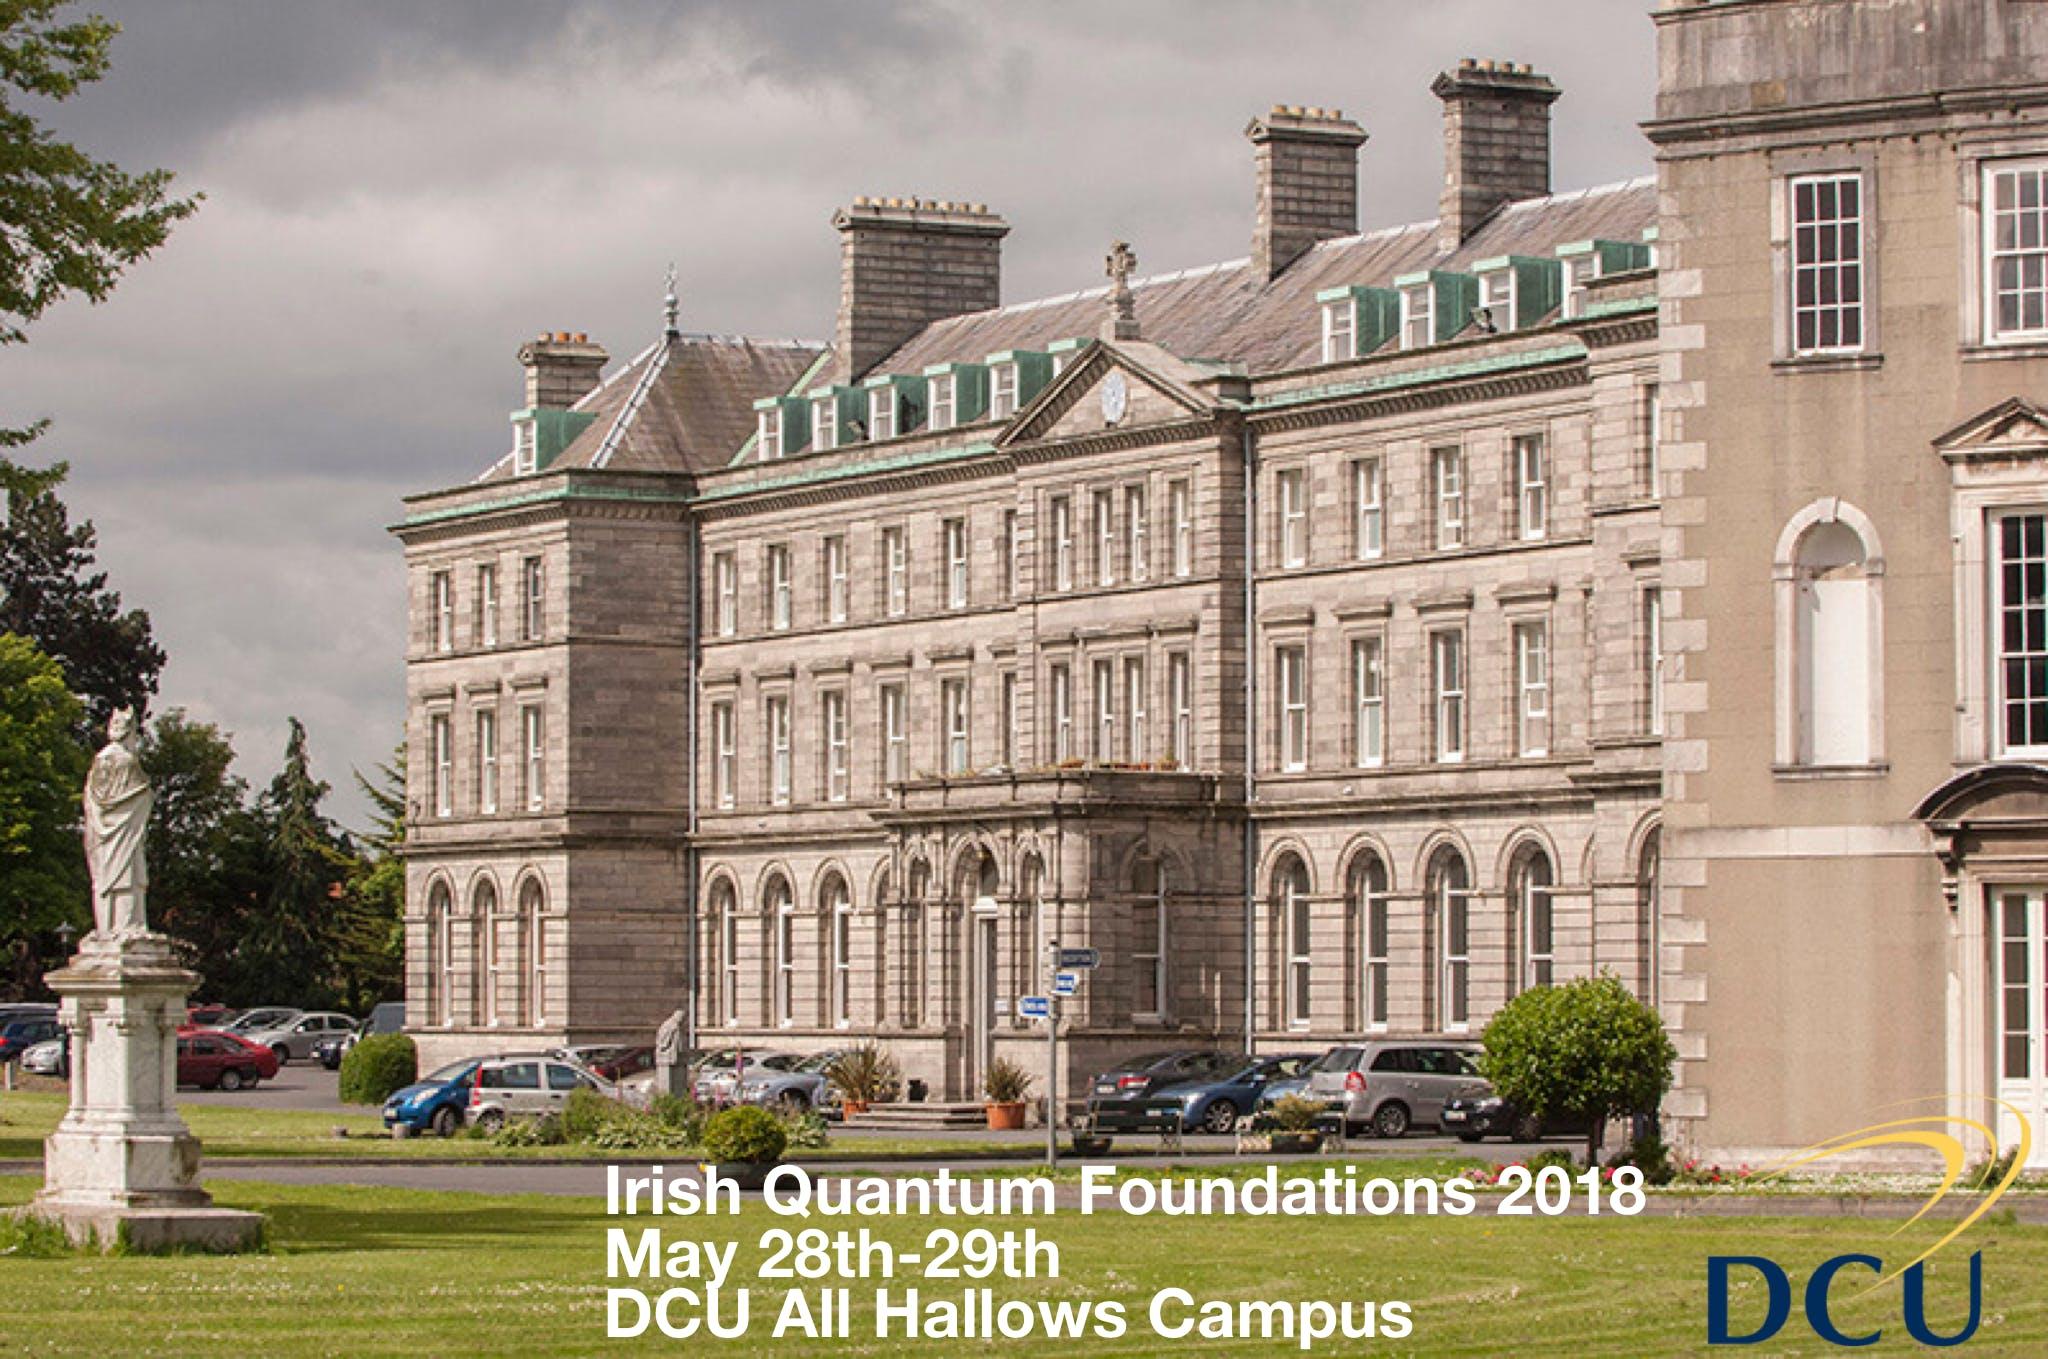 Irish Quantum Foundations 2018